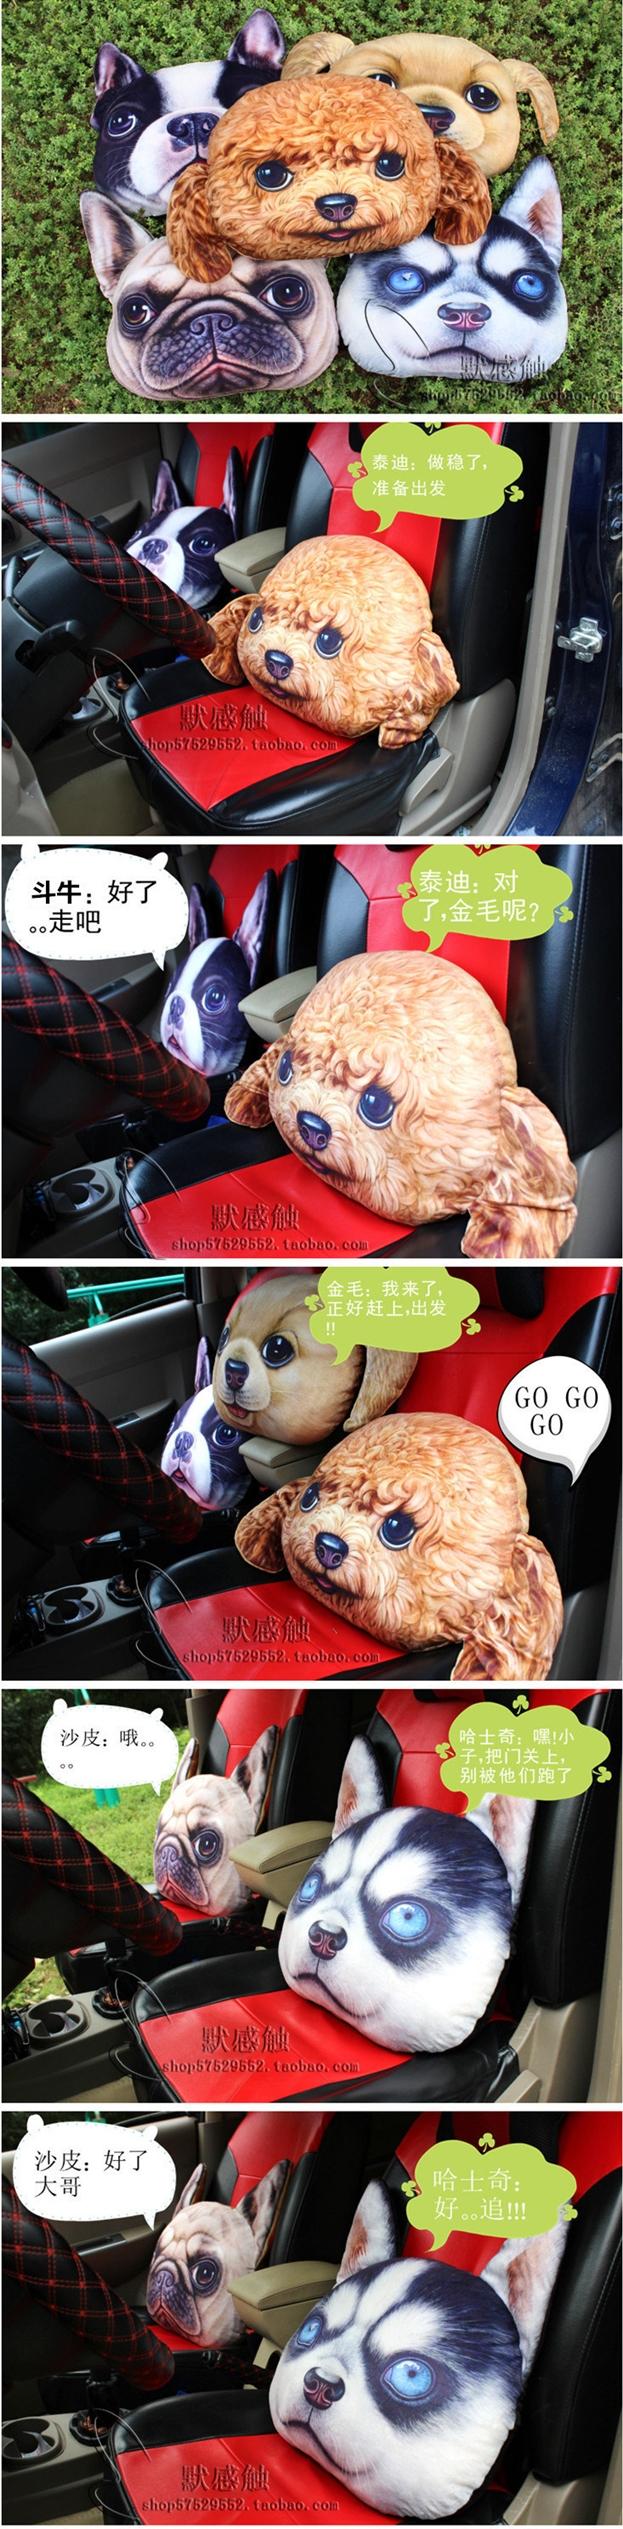 หมอนอิง รูปสุนัข 3D ขนาด 50x50 cm